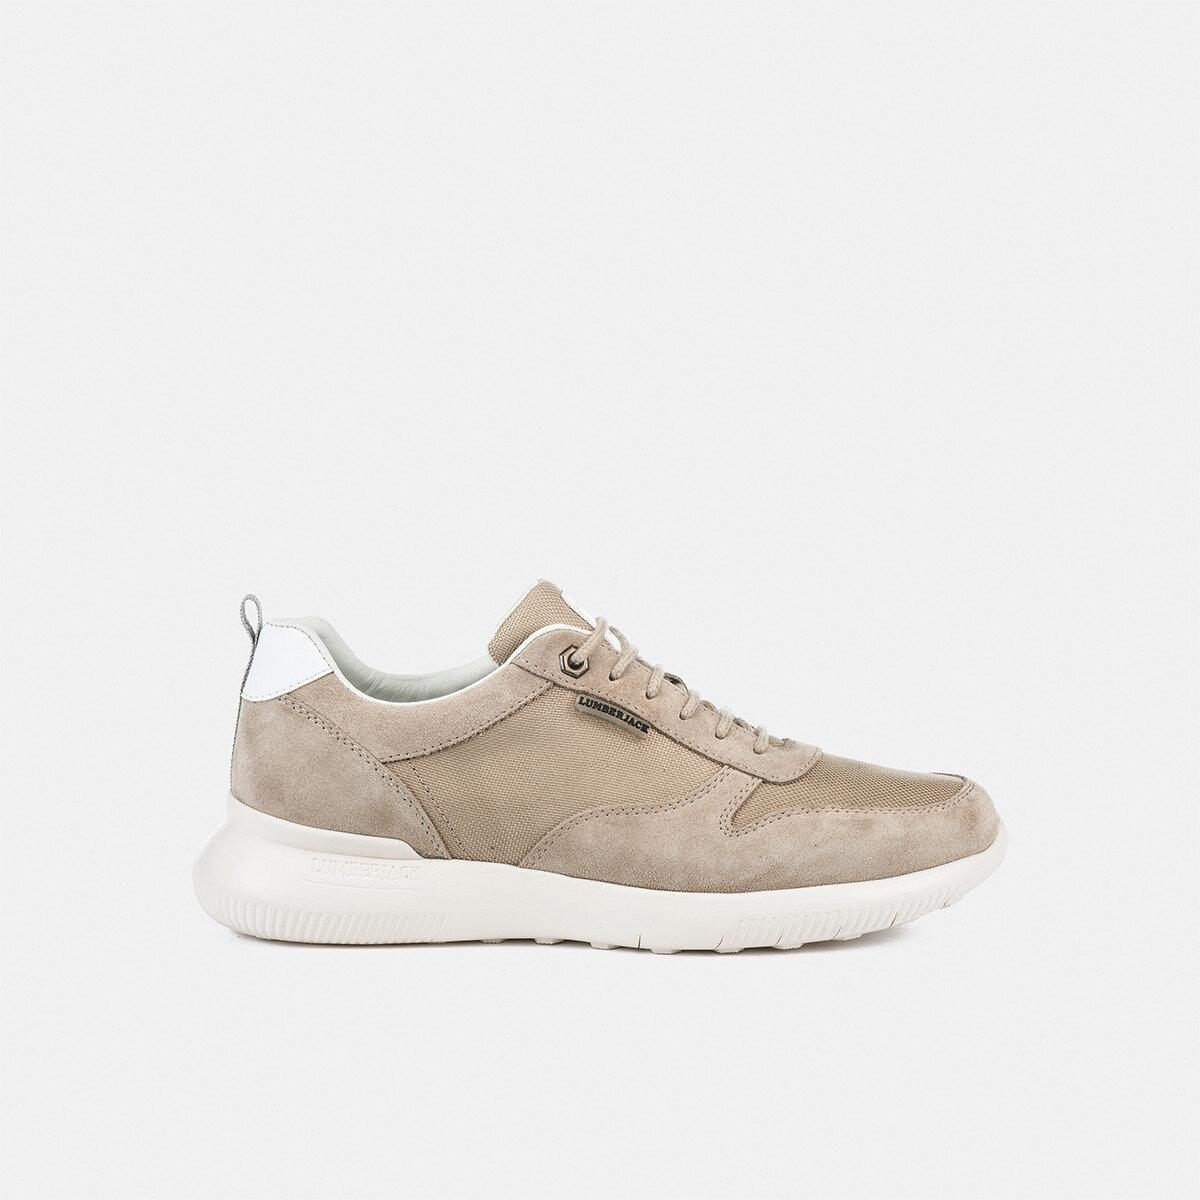 MATRIX MOUTON SAND Man Sneakers